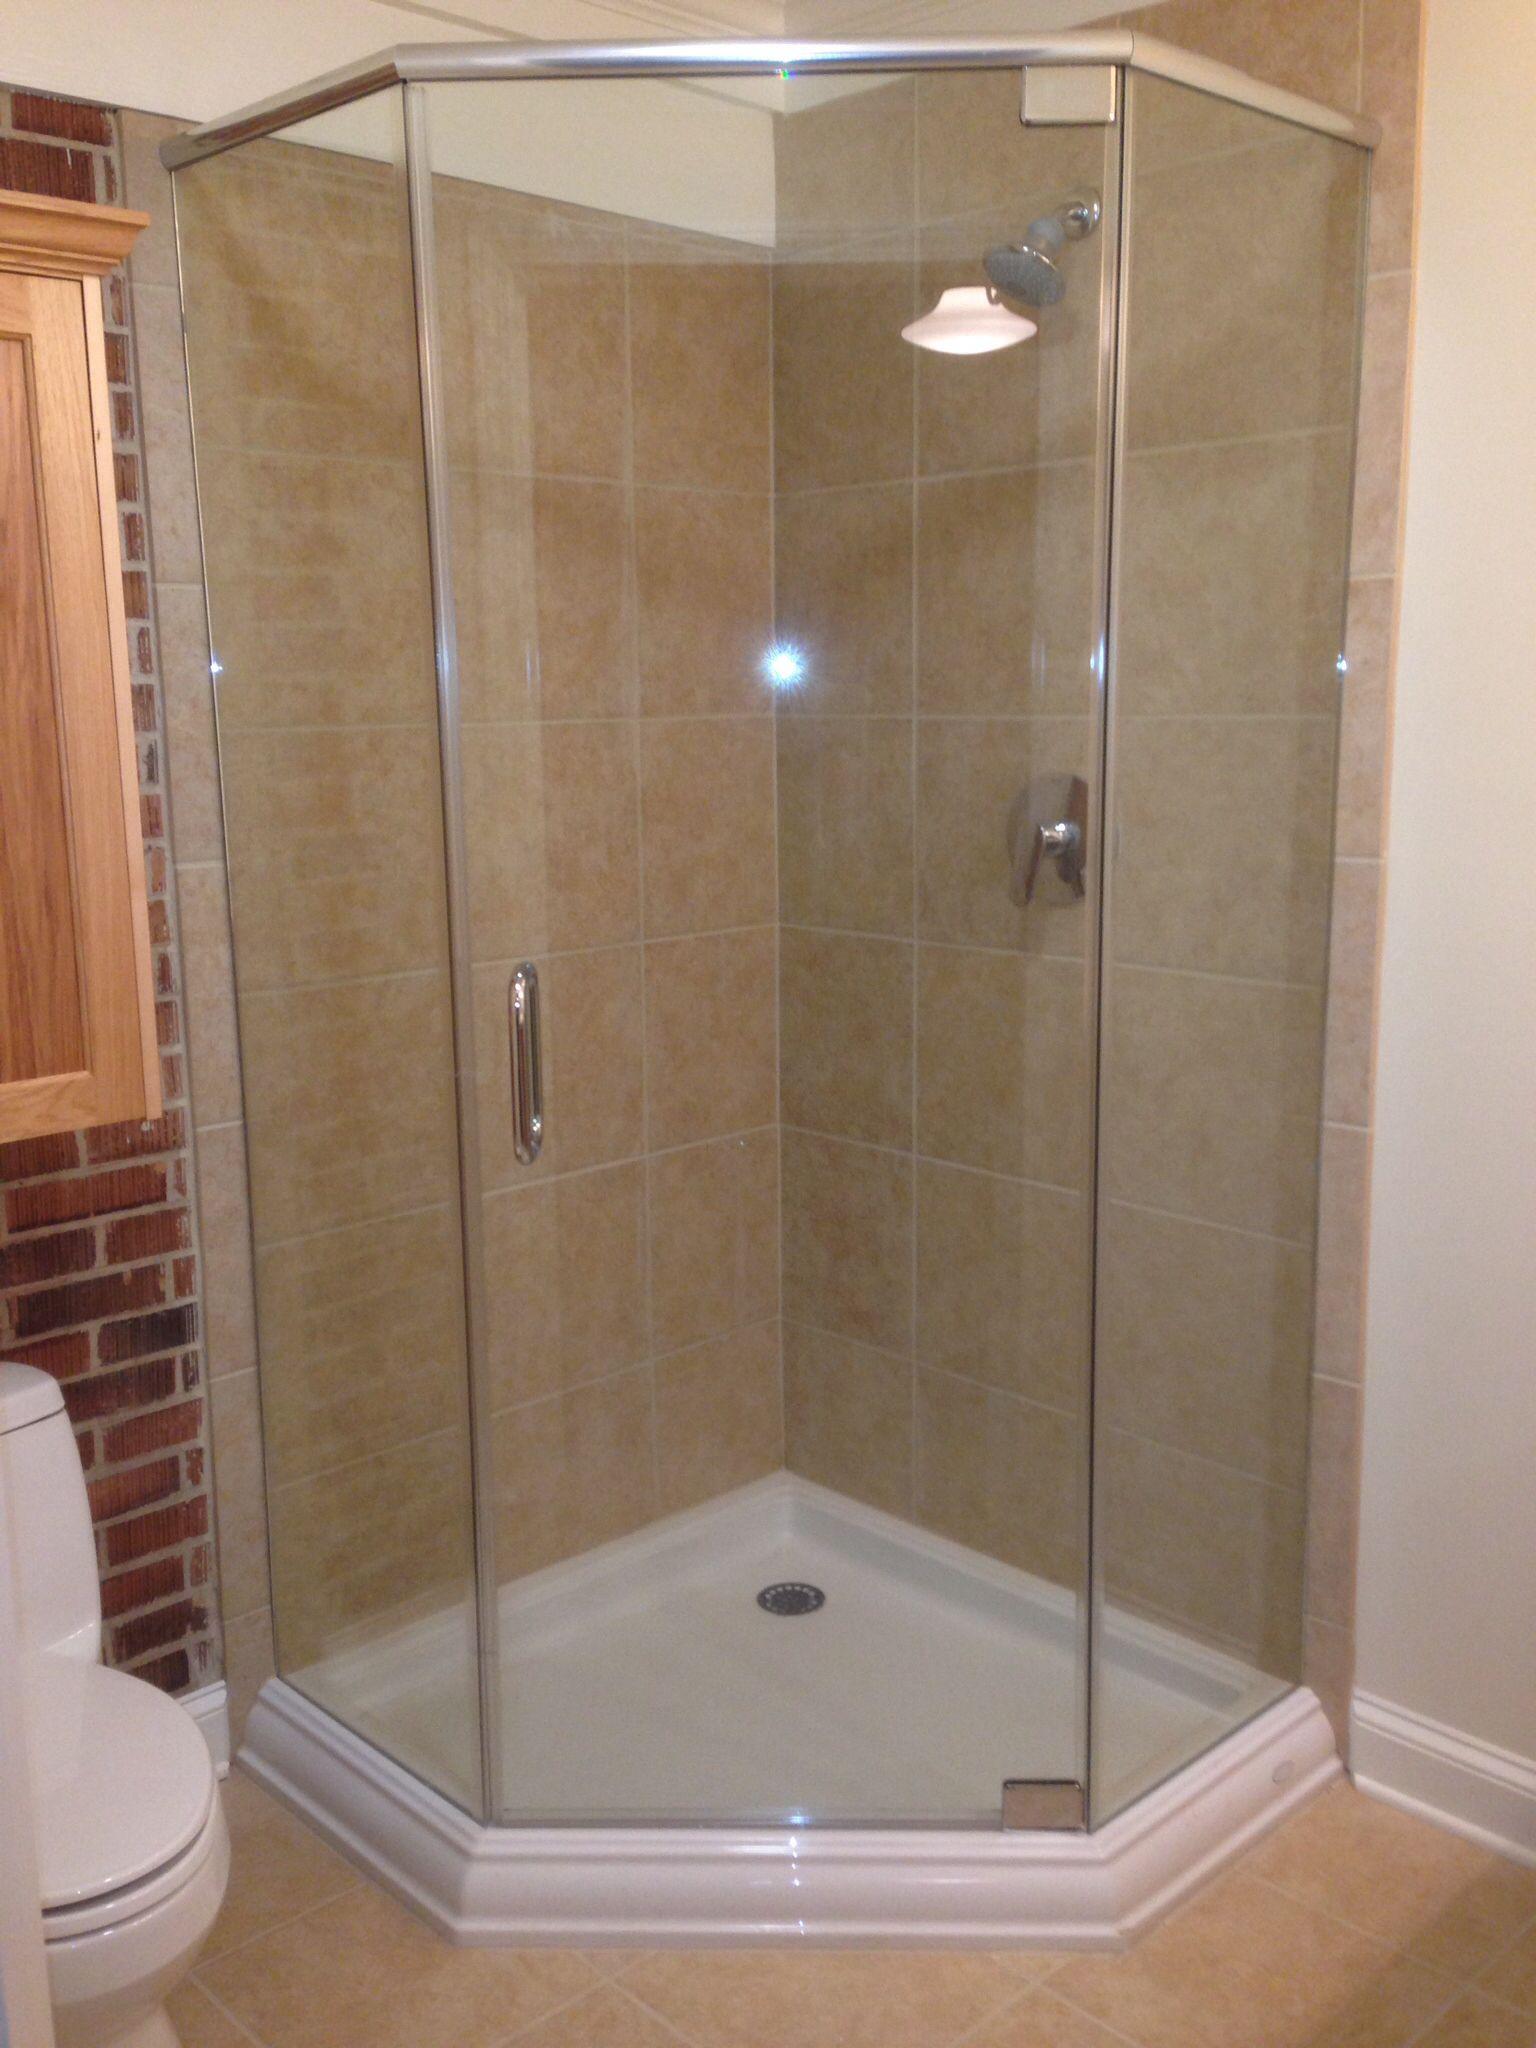 Glass corner shower to make small bathroom feel bigger | Erin\'s ...